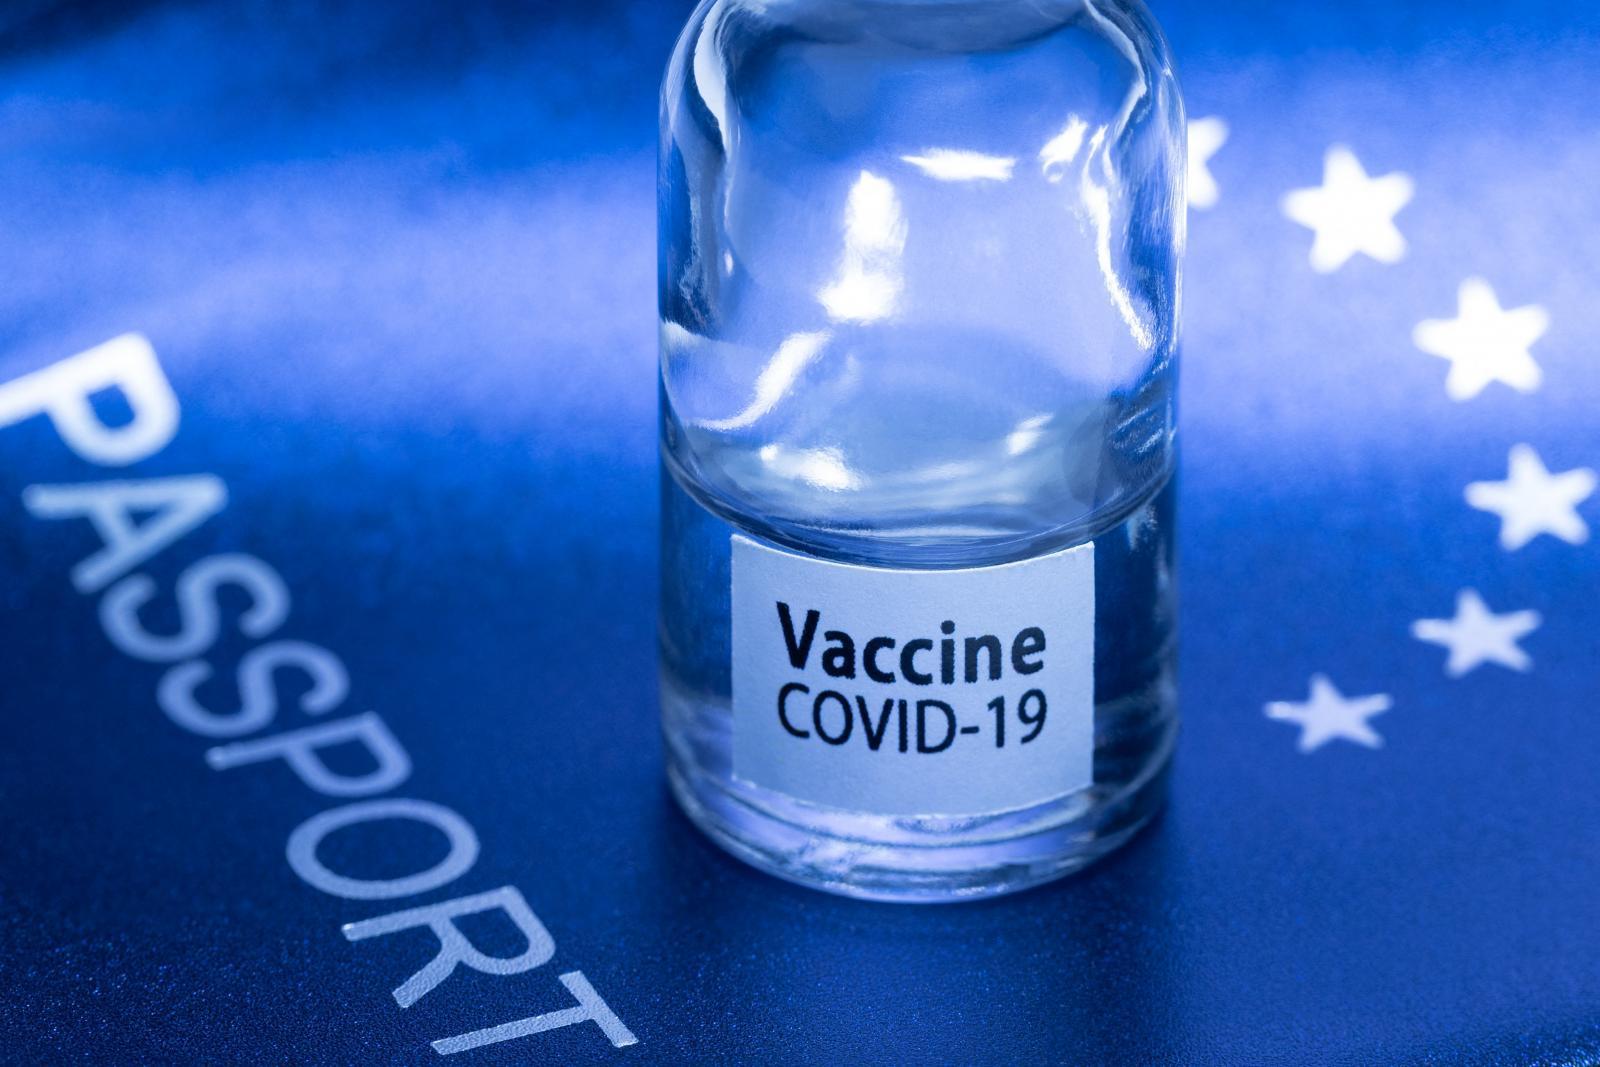 อนามัยโลก ค้านวัคซีนพาสปอร์ต เหตุยังไม่มั่นใจป้องกันโควิดได้